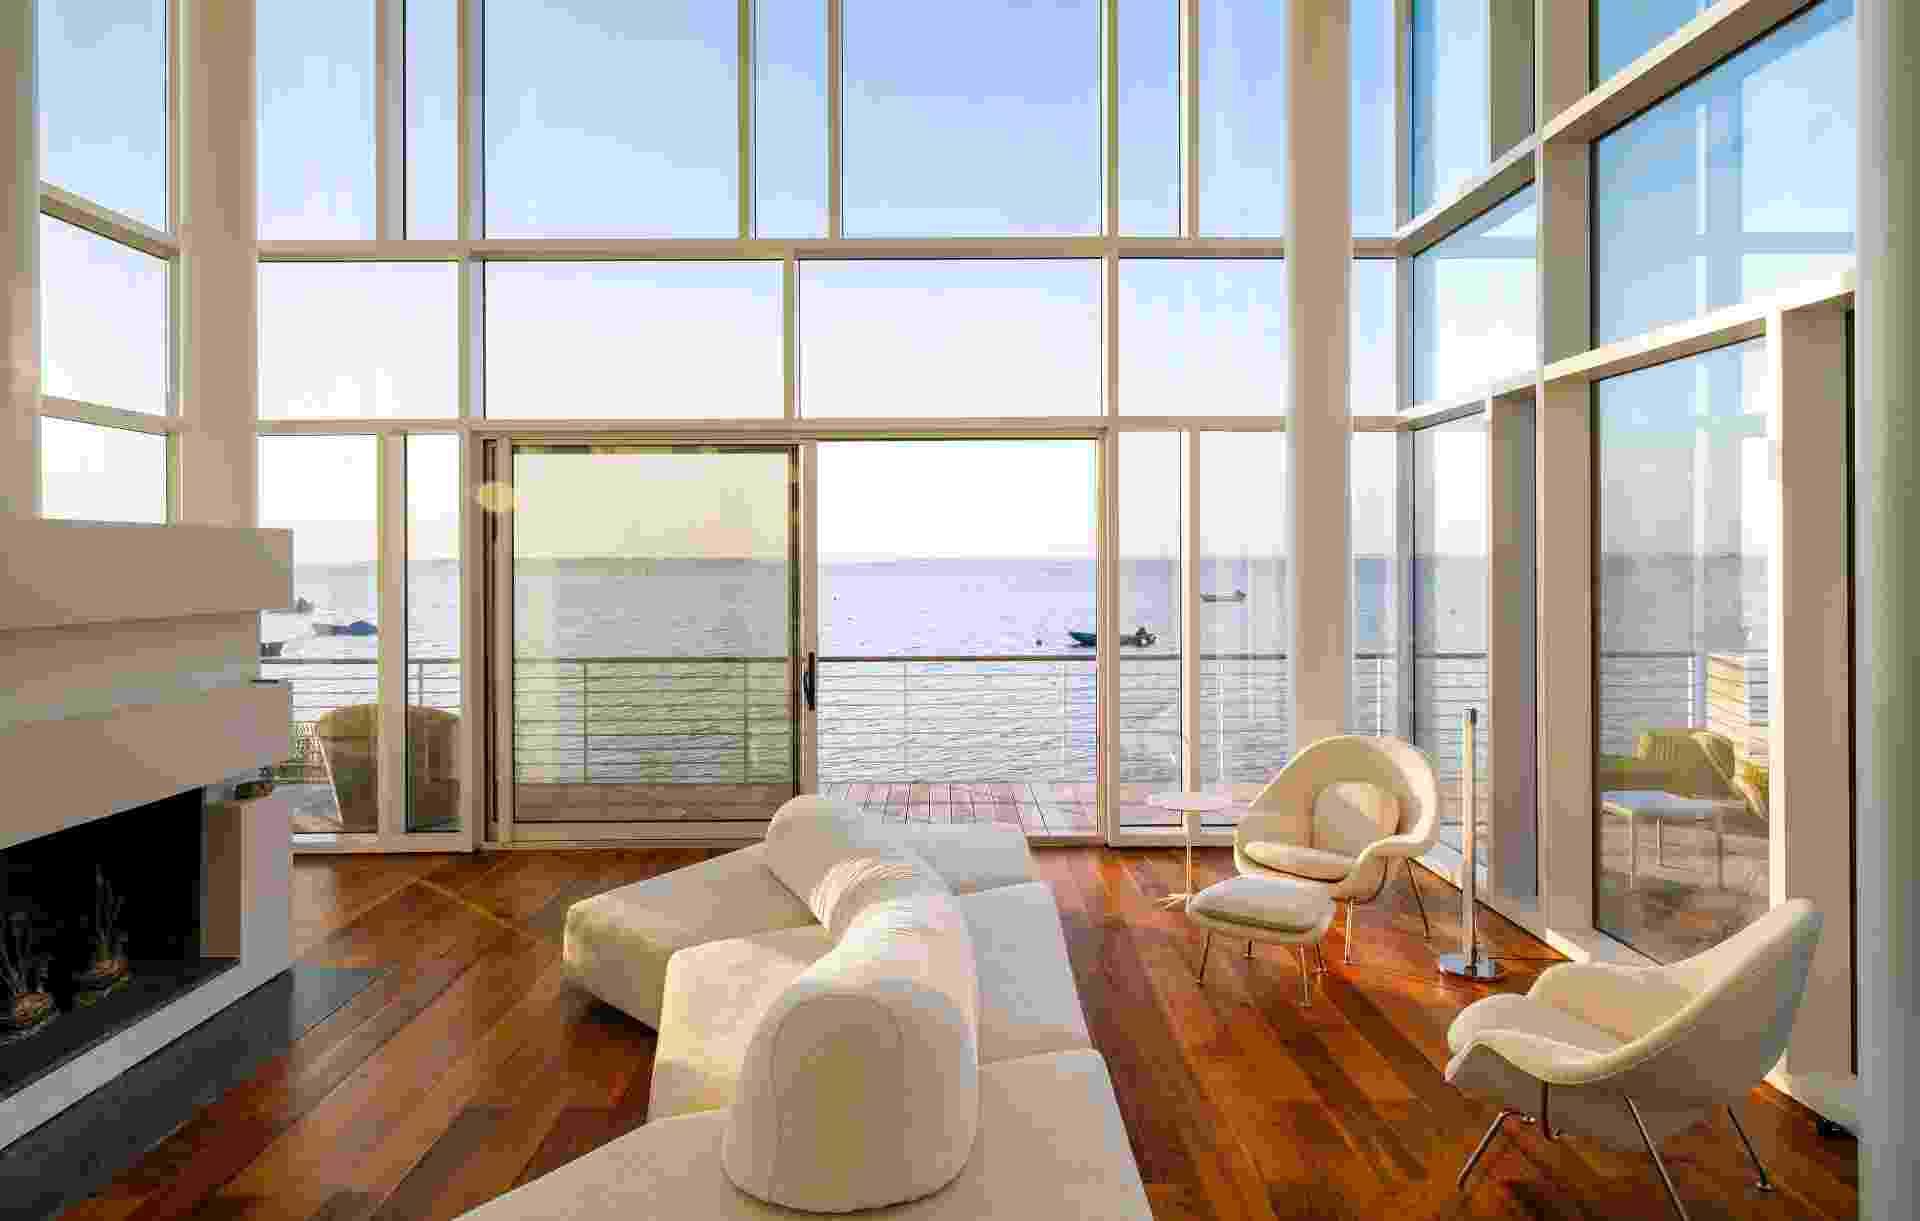 """A bela casa de praia em Fair Harbor, nos EUA, foi construída basicamente com aço e vidro. As """"paredes"""" são compostas em parte por três linhas de janelas. Na iluminada sala de estar, destaque para as poltronas Womb (à dir.), desenhadas por Eero Saarinen (Imagem do NYT, usar apenas no respectivo material) - Trevor Tondro/ The New York Times"""